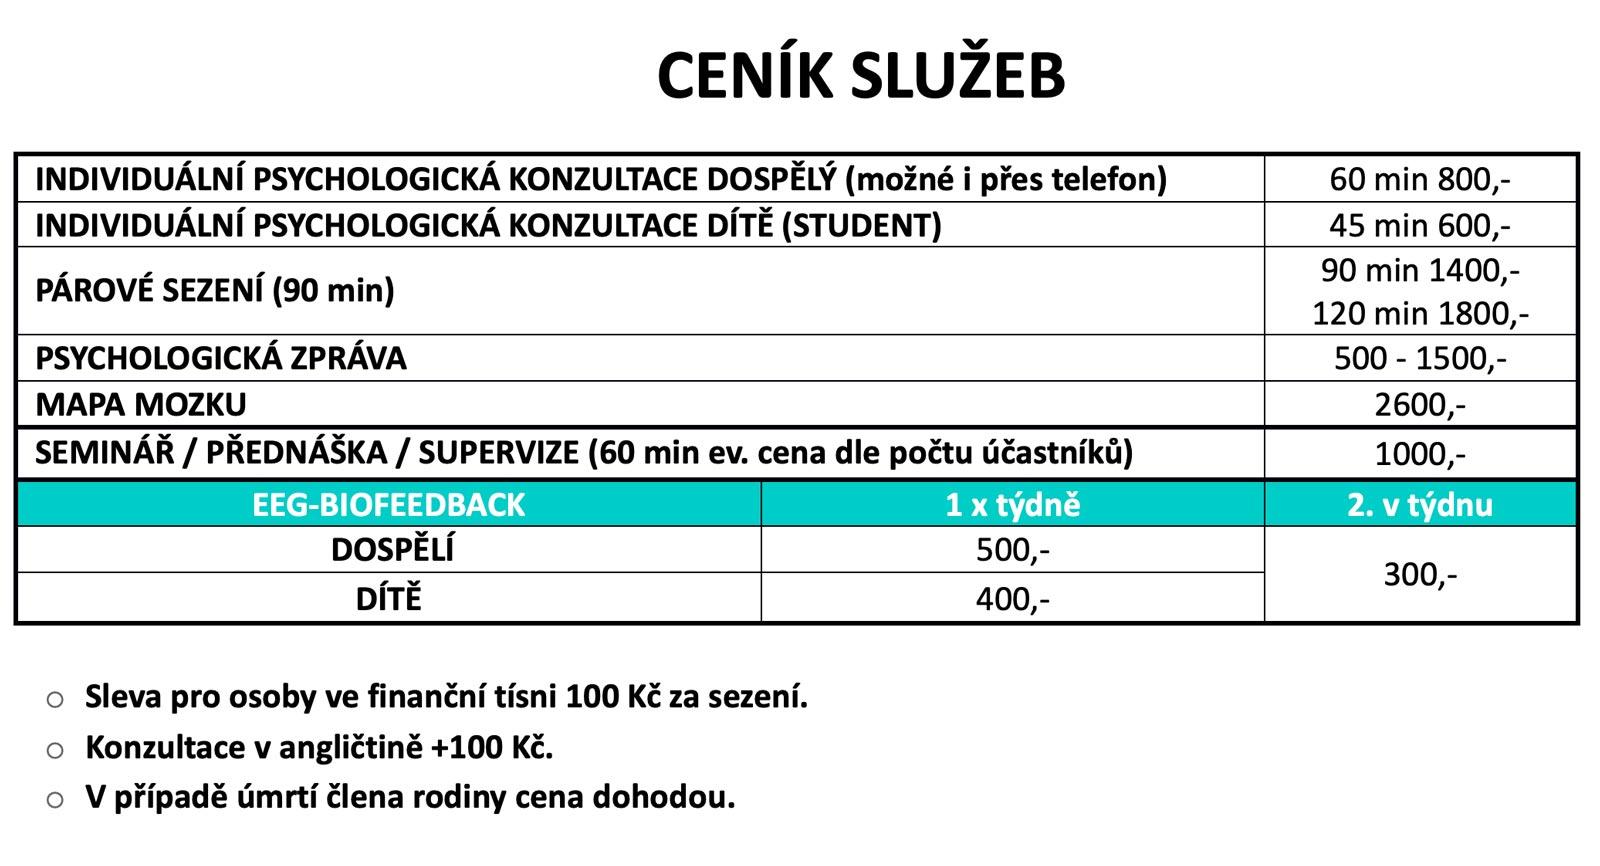 cenik_sluzeb